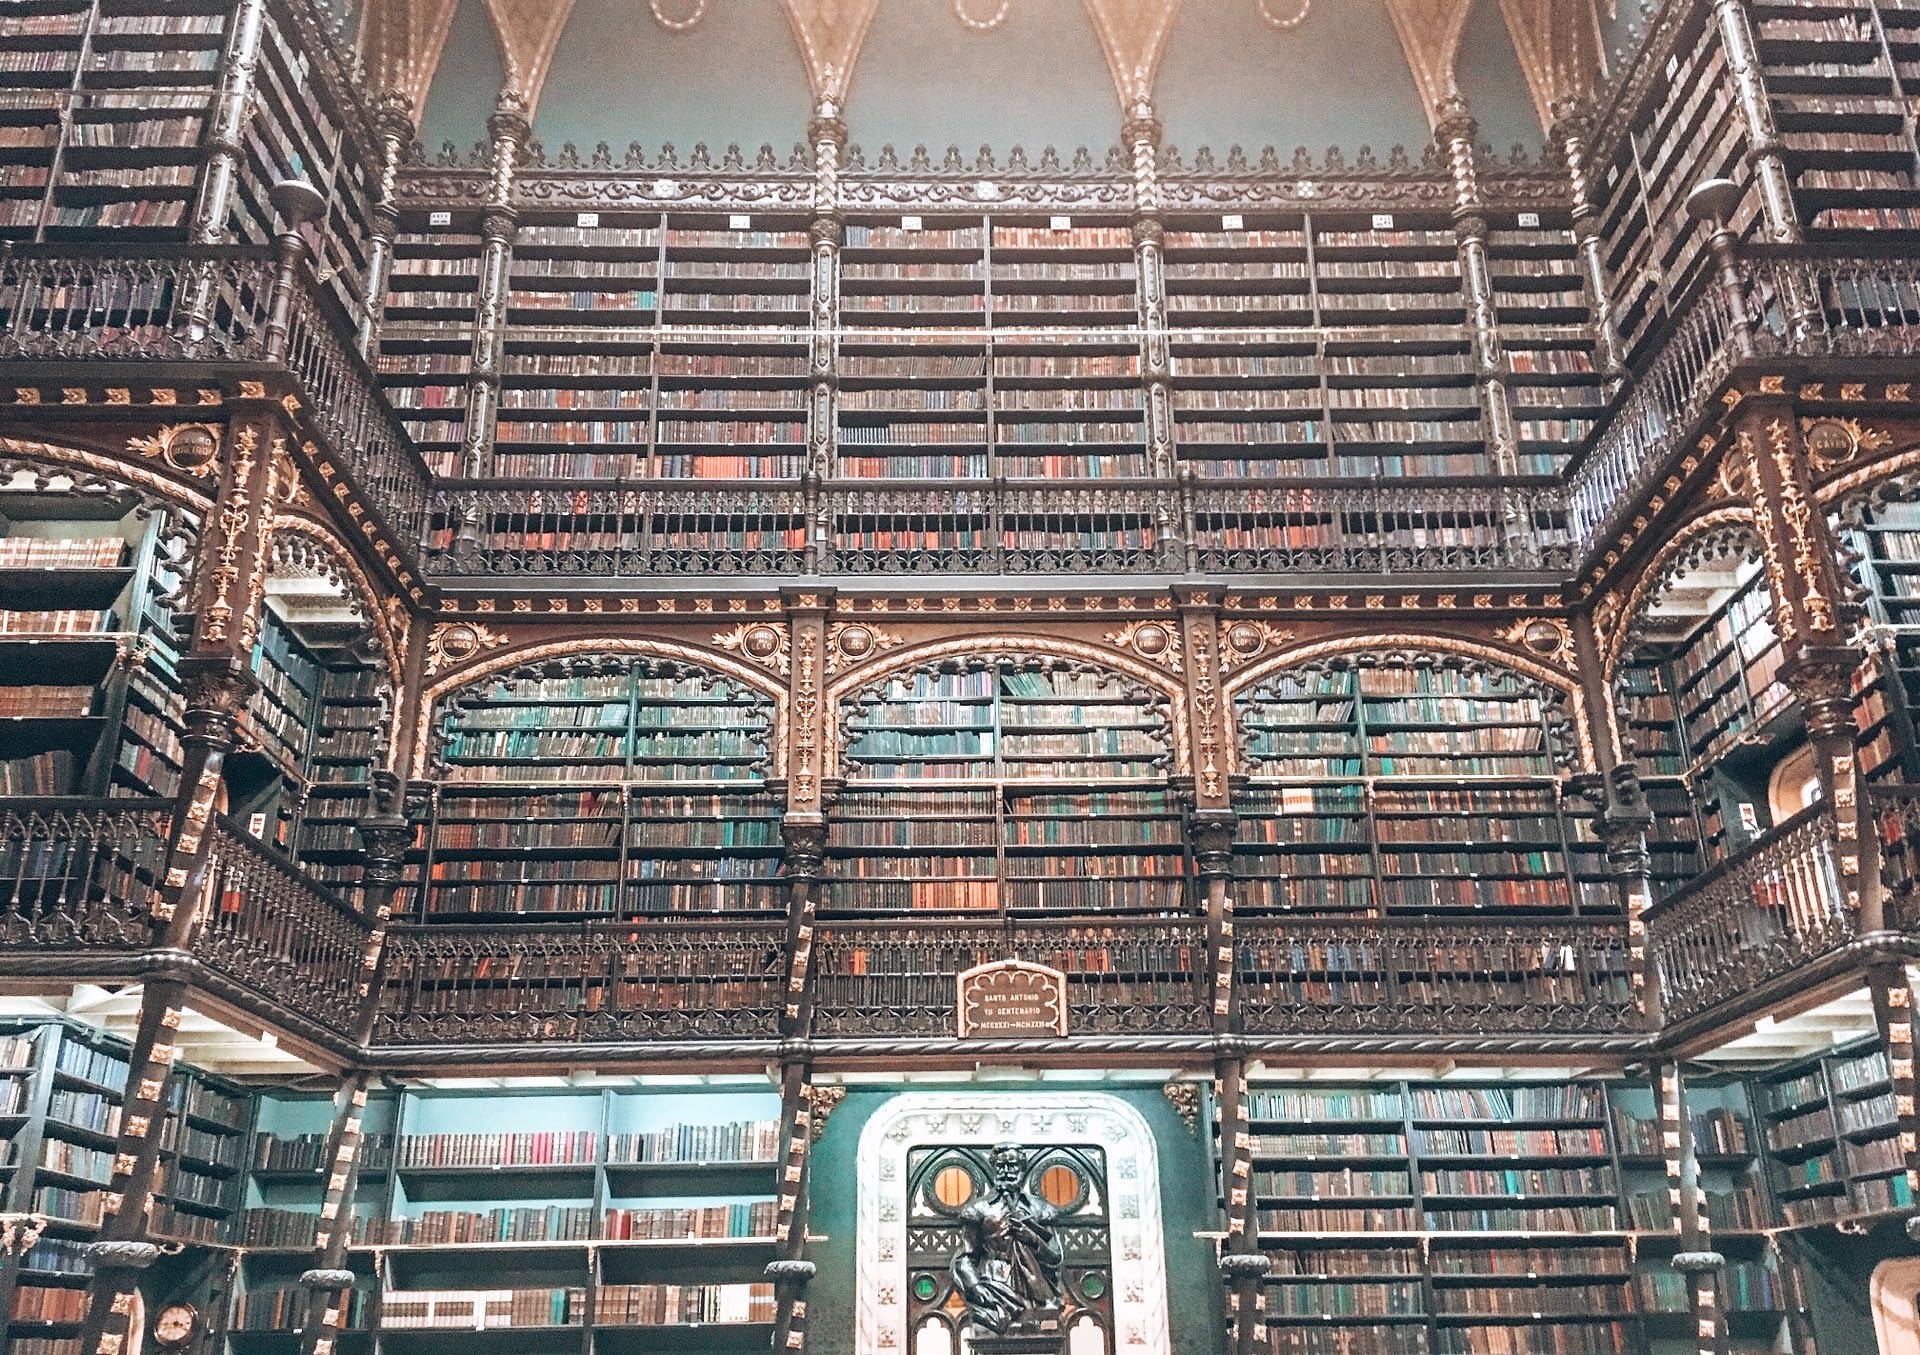 Portuguese Library Rio Brazil